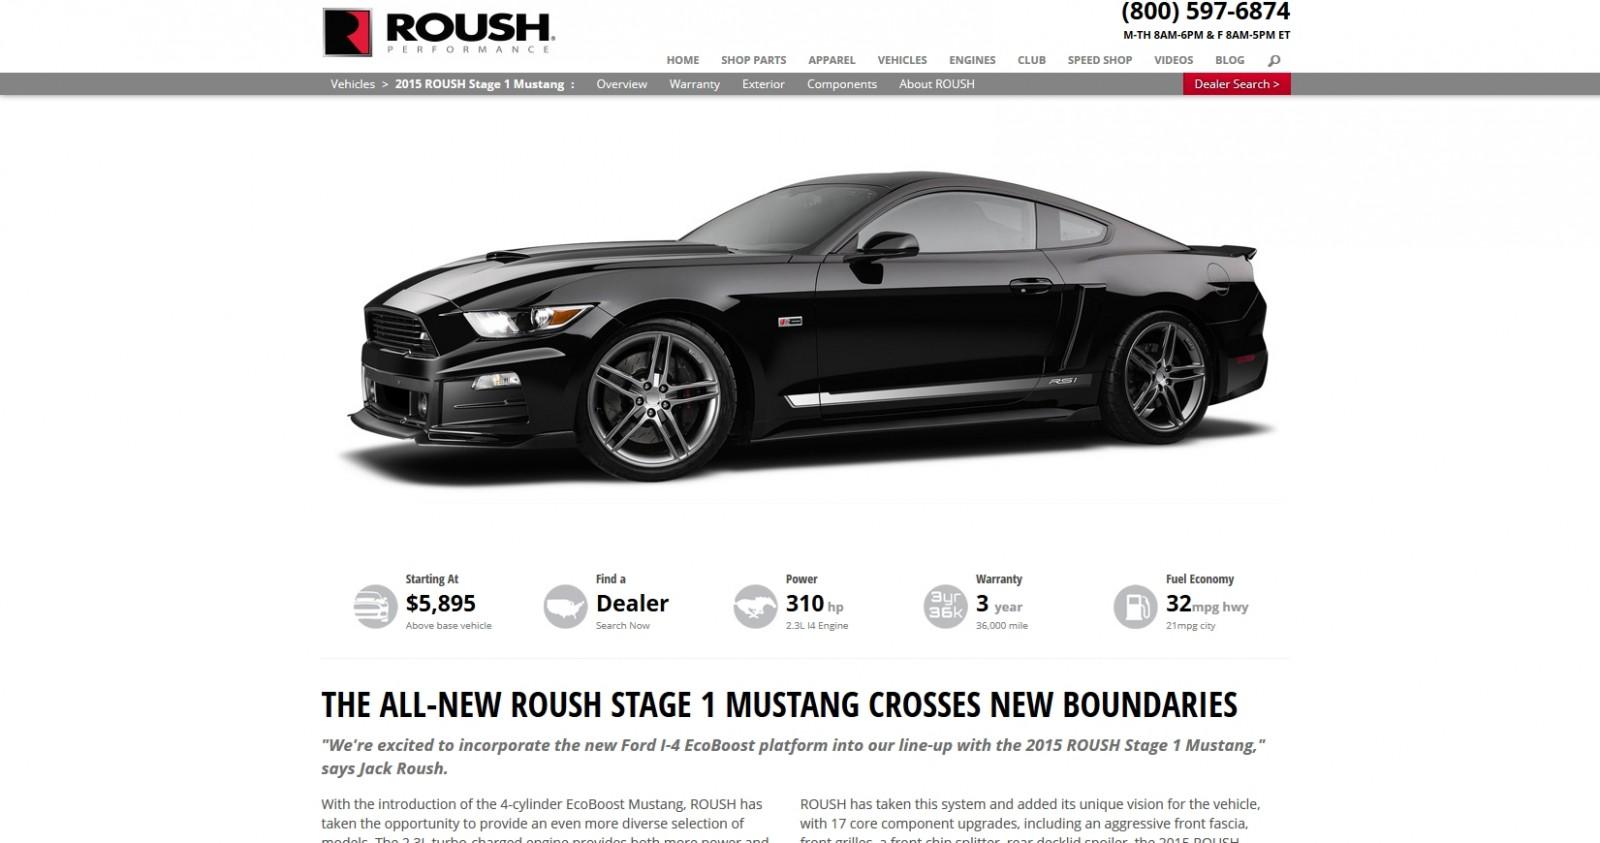 2015 ROUSH Mustang 2